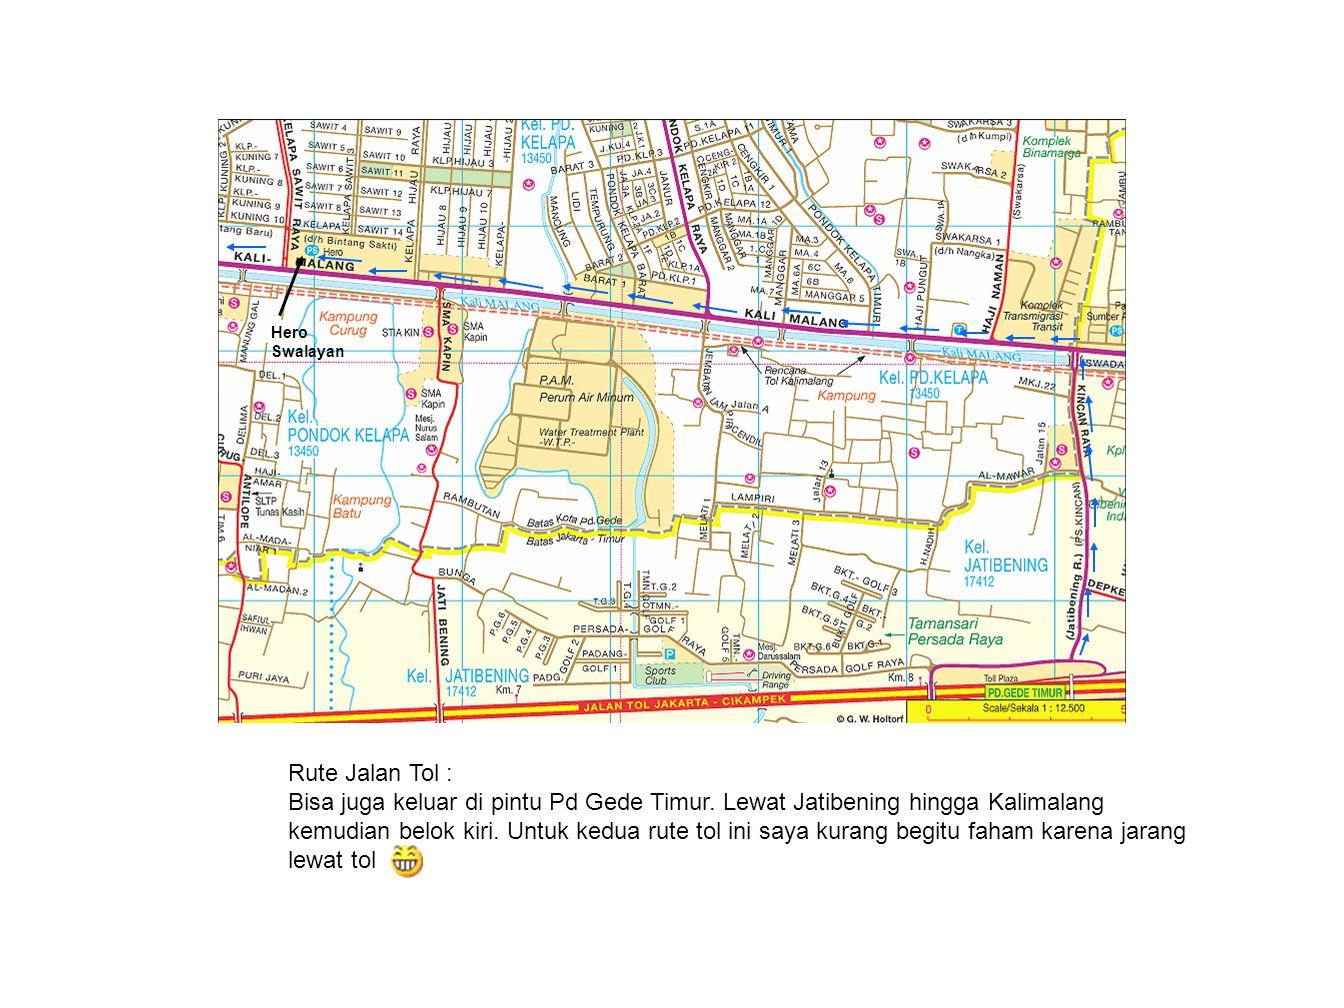 Hero Swalayan. Rute Jalan Tol : Bisa juga keluar di pintu Pd Gede Timur. Lewat Jatibening hingga Kalimalang.